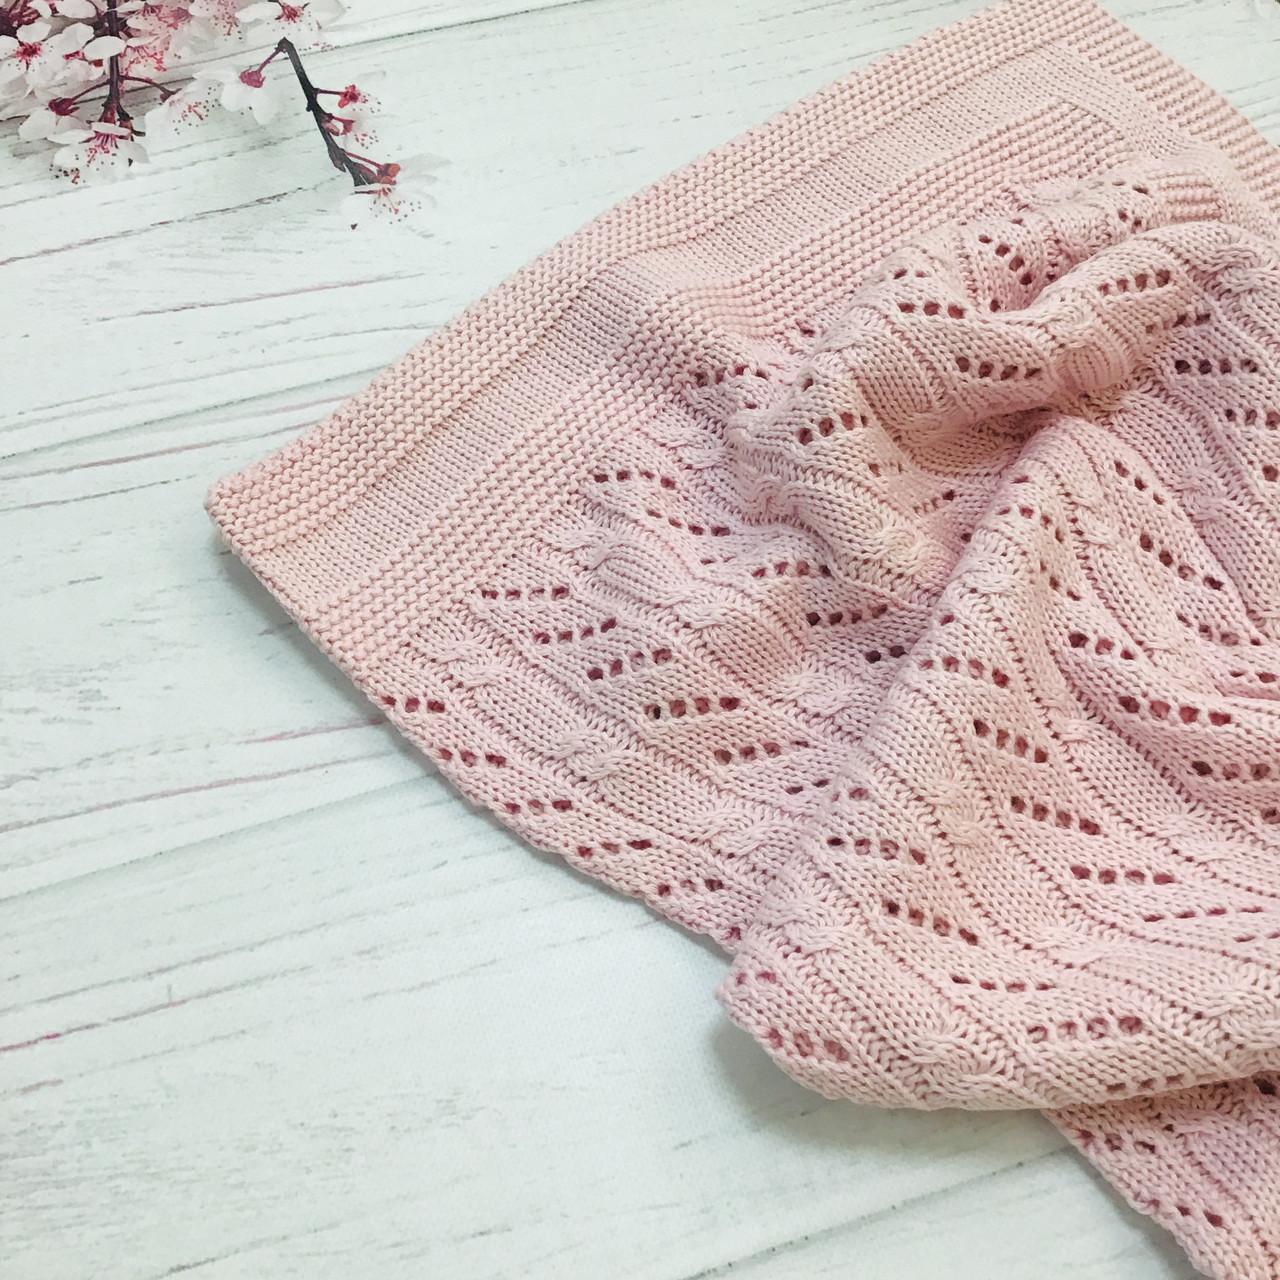 Плед вязанный косичка с наклонным узором розового цвета 95*75 см (90% хлопок, 10% акрил)